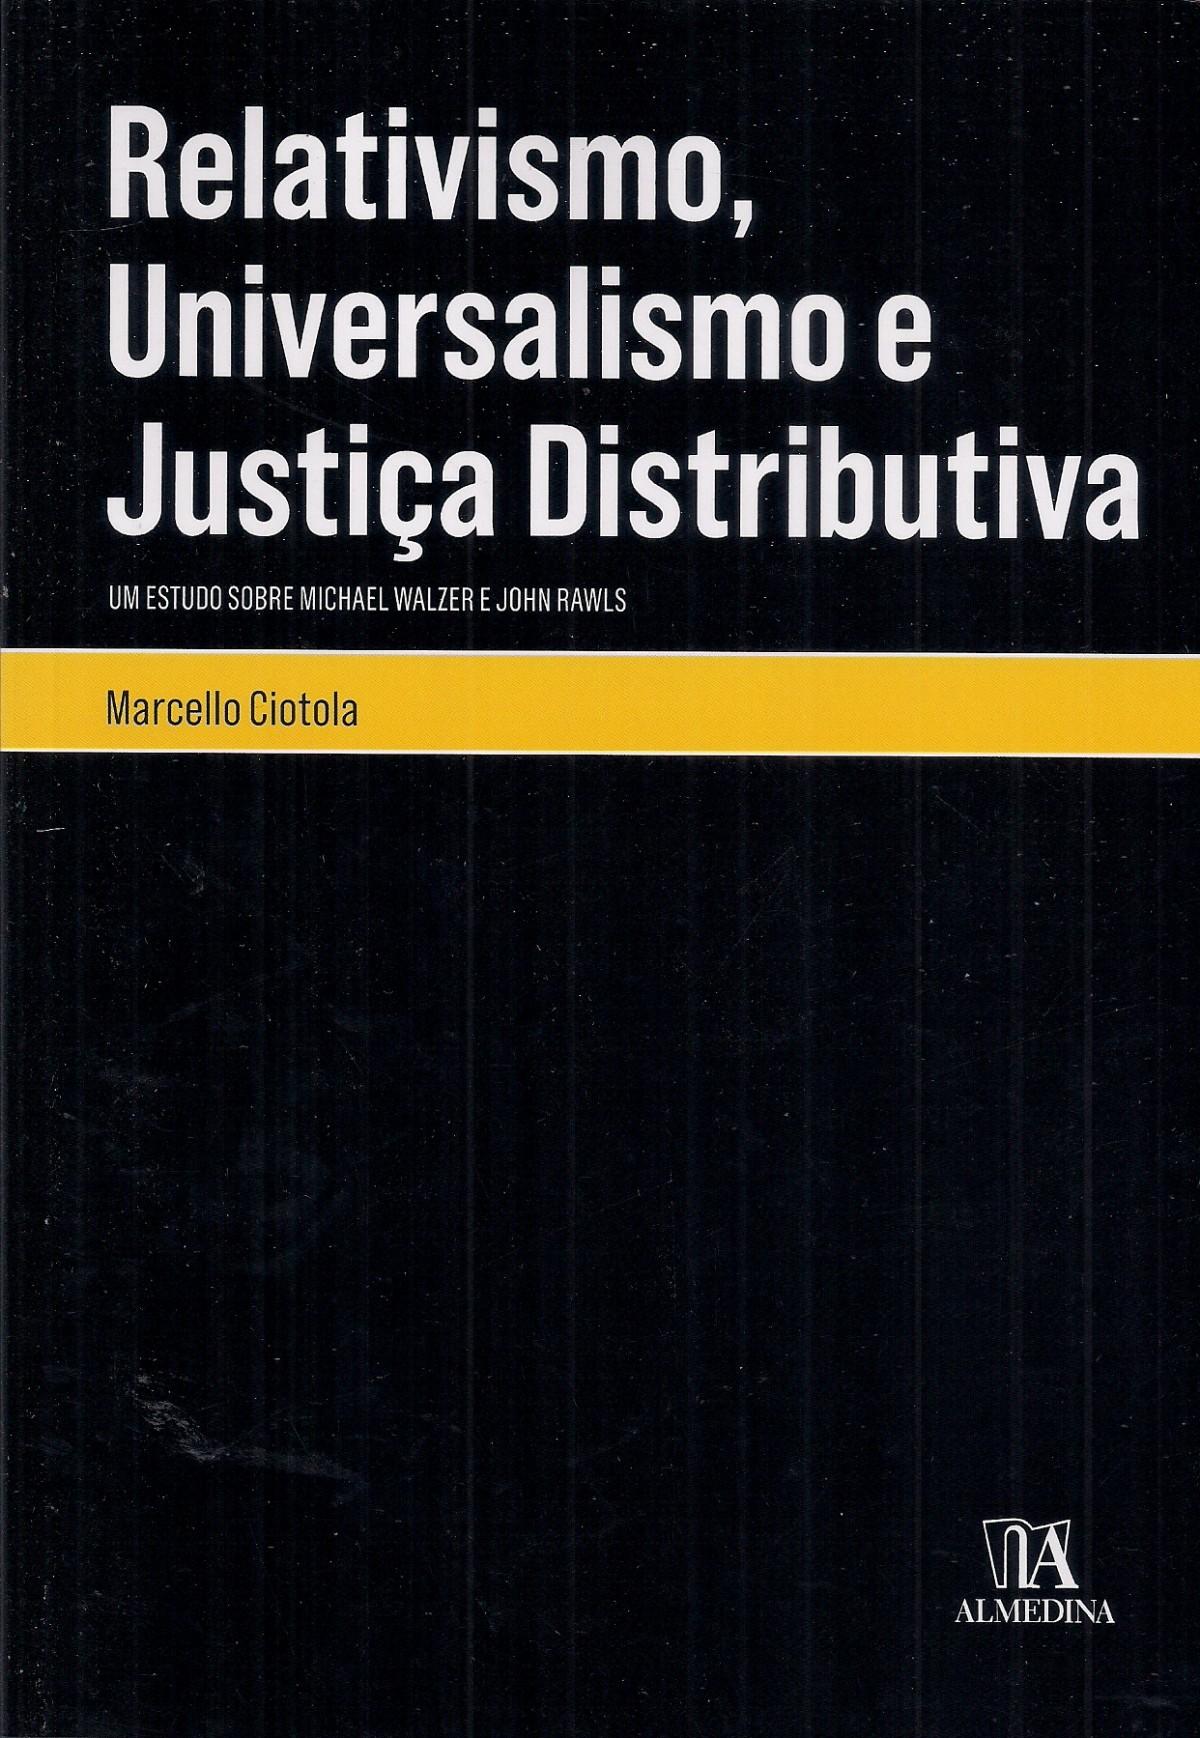 Foto 1 - Relativismo, Universalismo e Justiça Distributiva - Um Estudo Sobre Michael Walzer e John Rawls